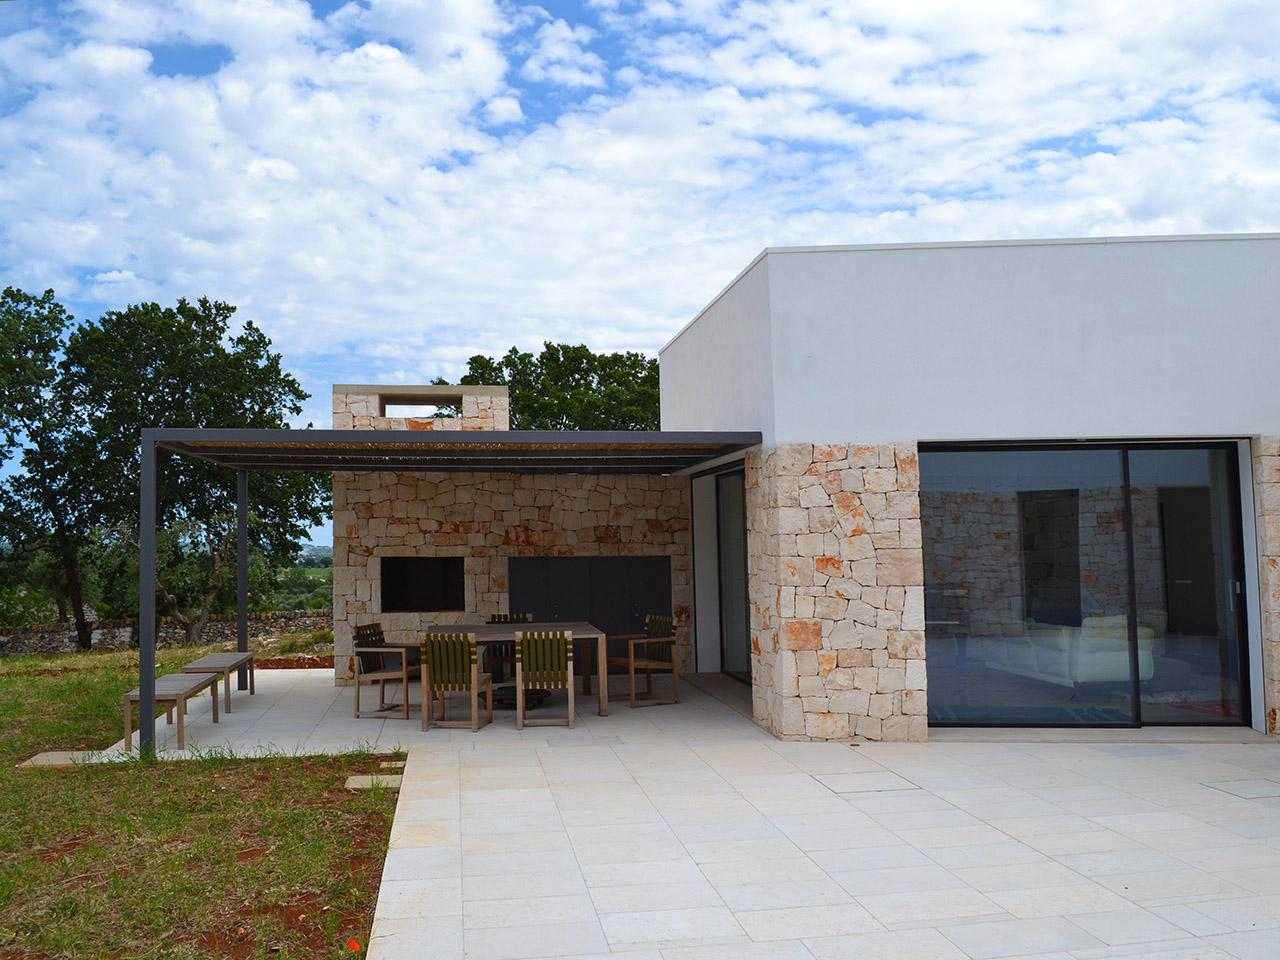 costruzioni restauri sirio ostuni nuova residenza privata chiobbica ostuni dsc 0480